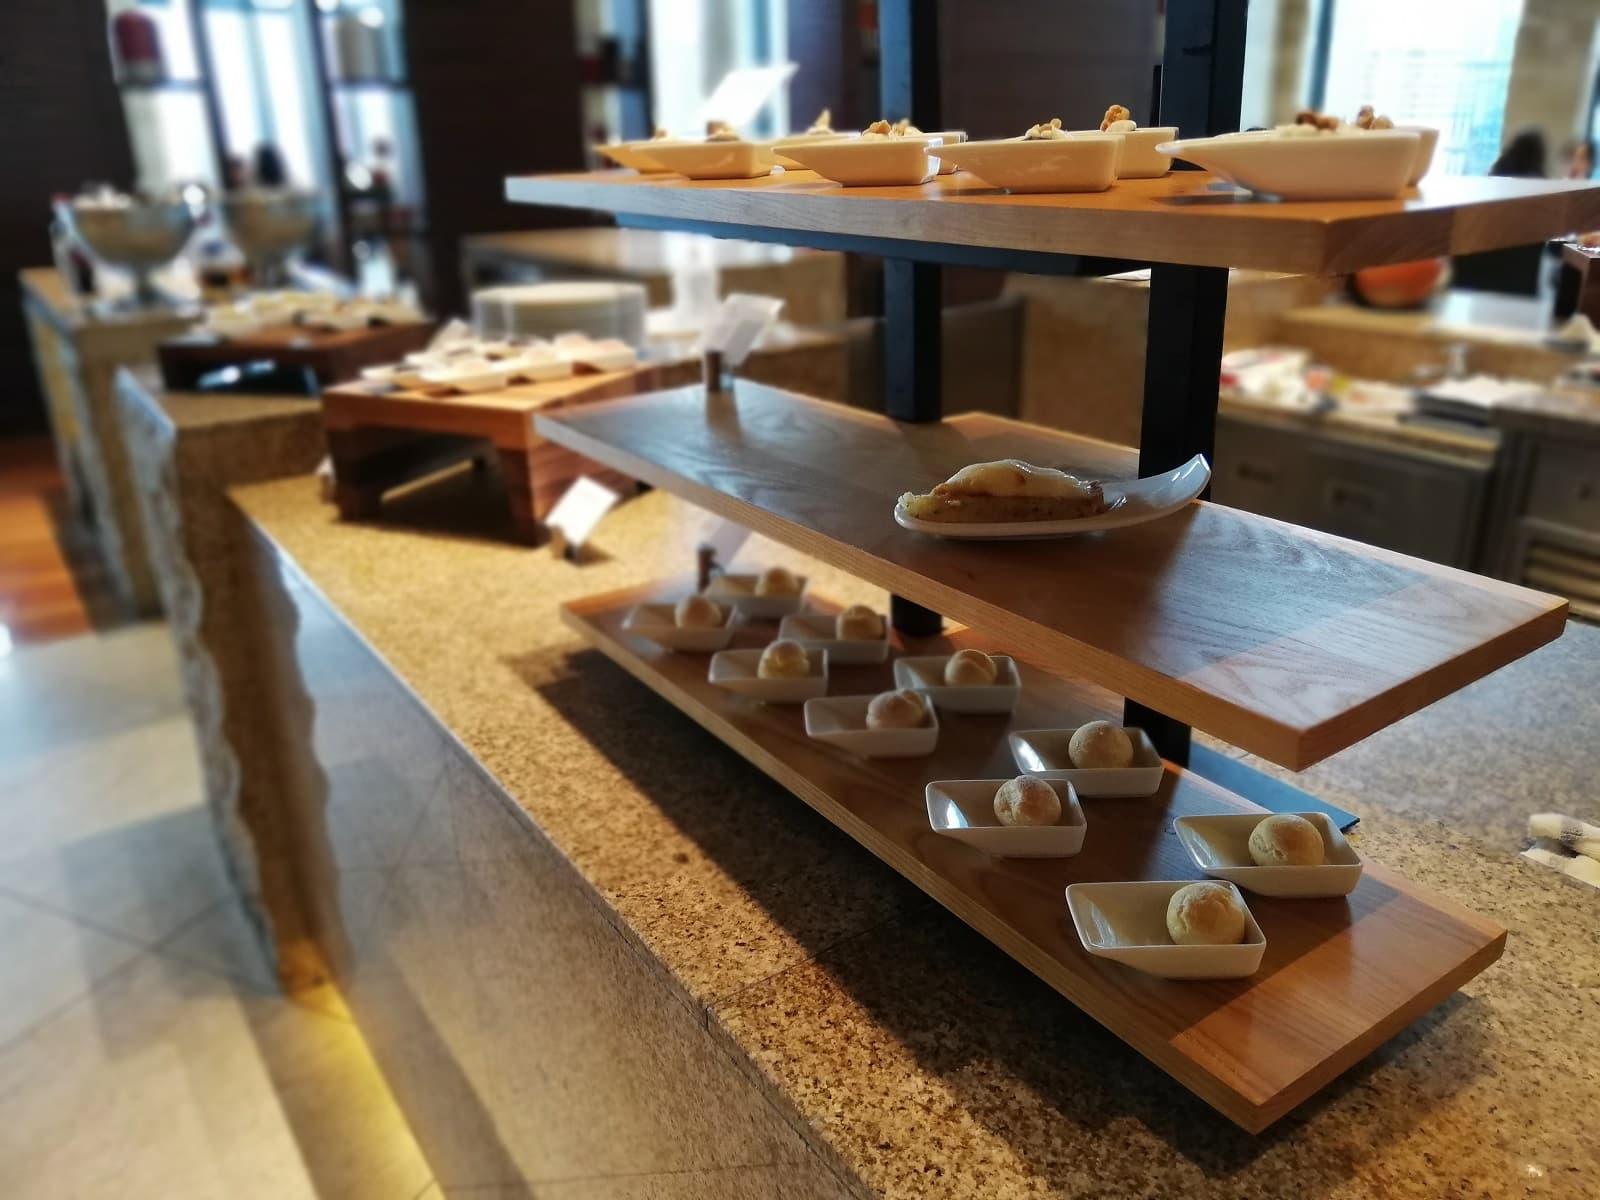 インターコンチネンタルホテル大阪のピーチビュッフェのビュッフェ台